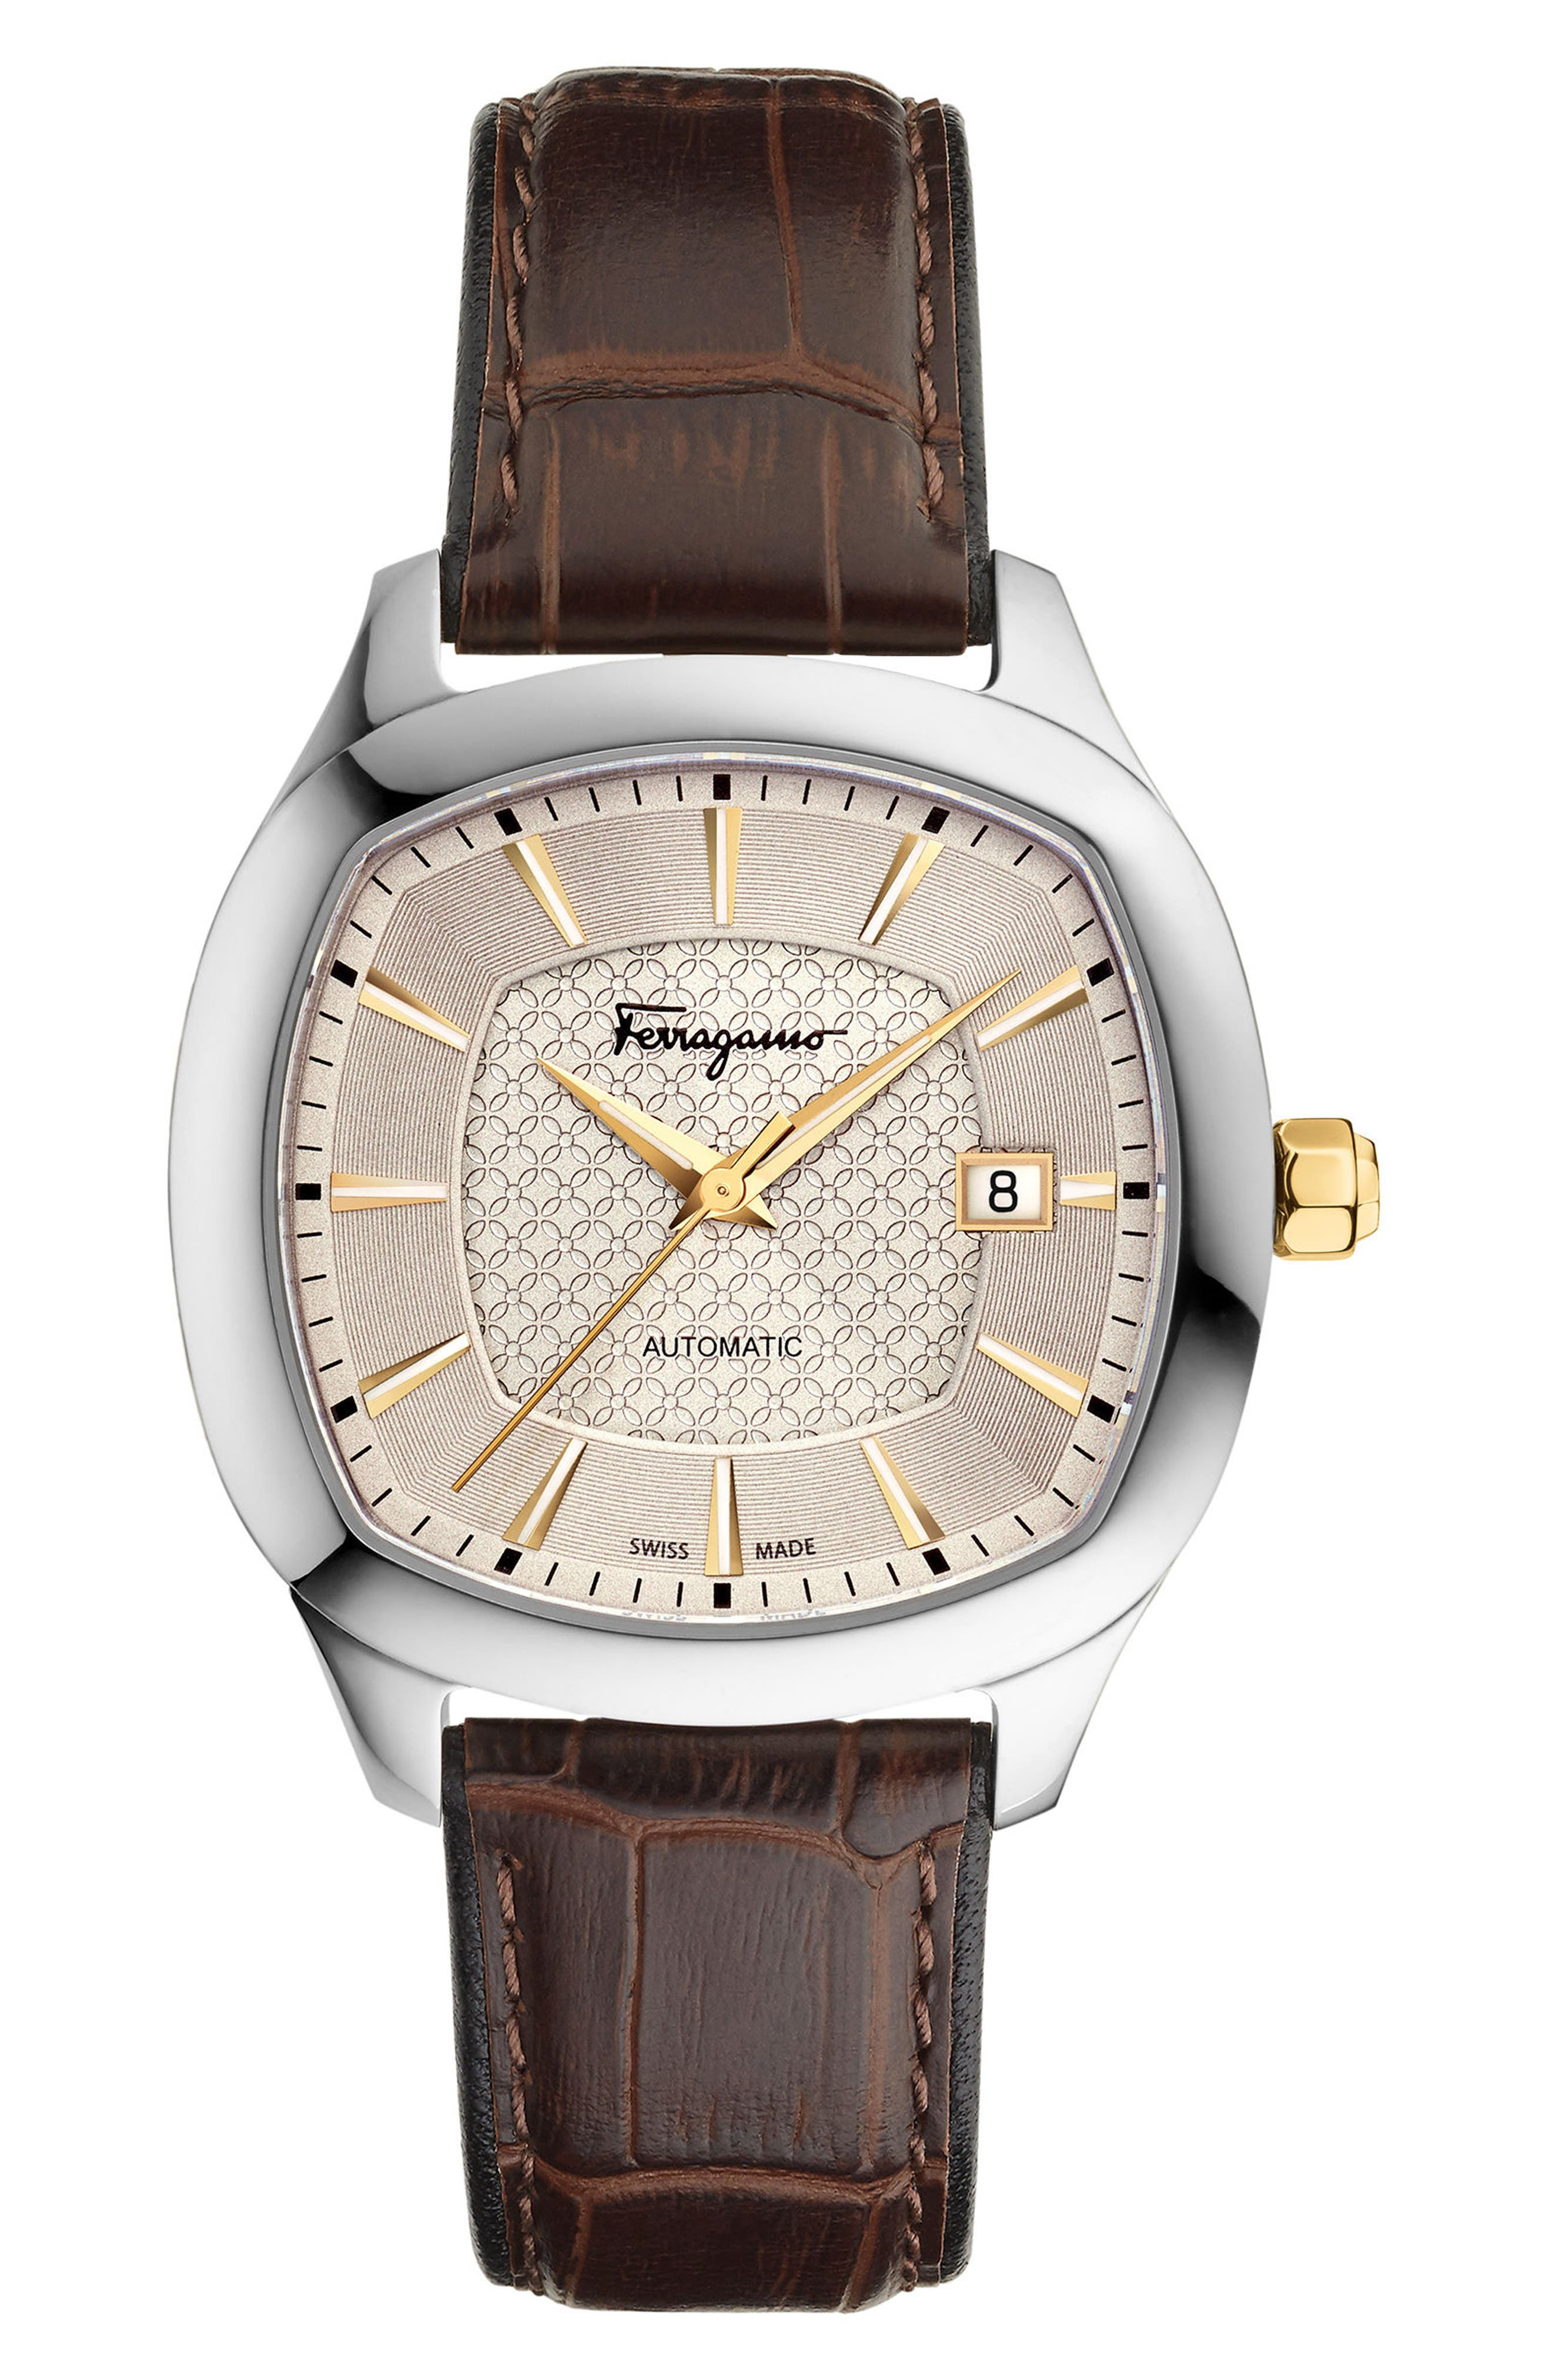 Main Image - Salvatore Ferragamo Square Automatic Leather Strap Watch, 41mm